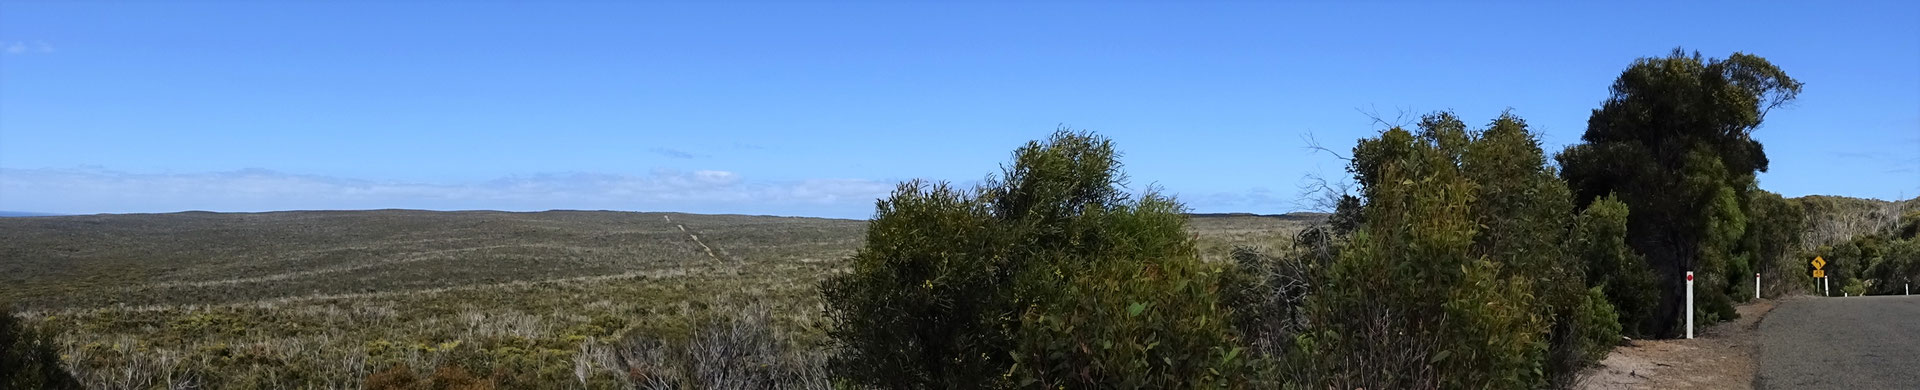 Die Buschlandschaft des Flinders Chase Nationalparks.